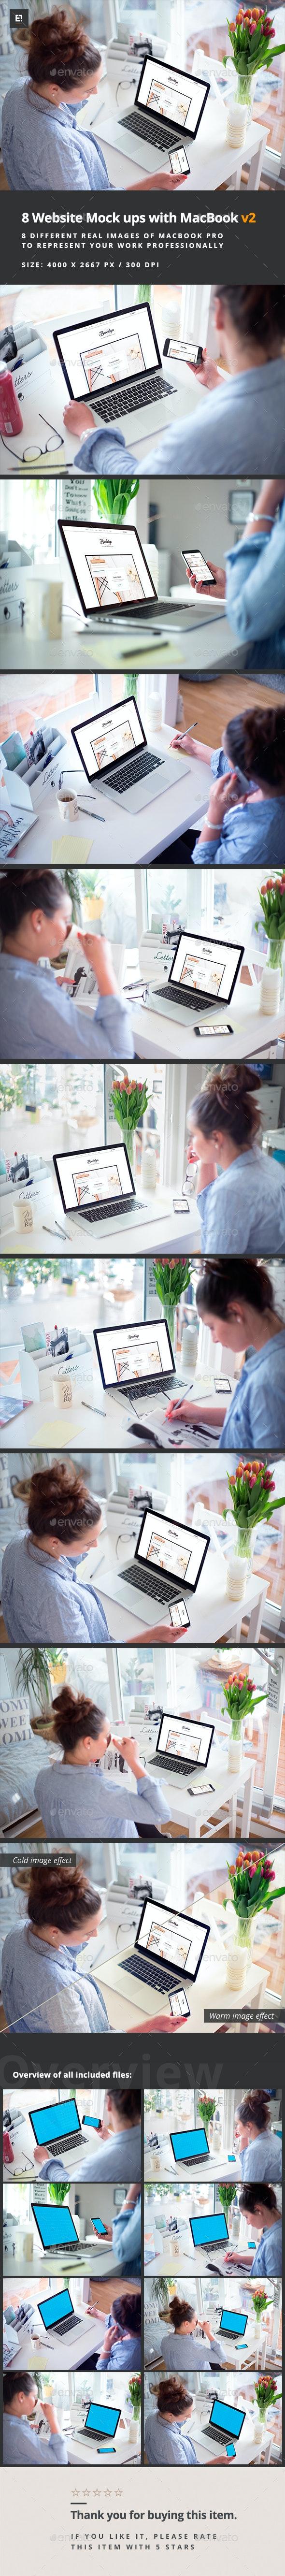 Photorealistic Website Mockup - Multiple Displays